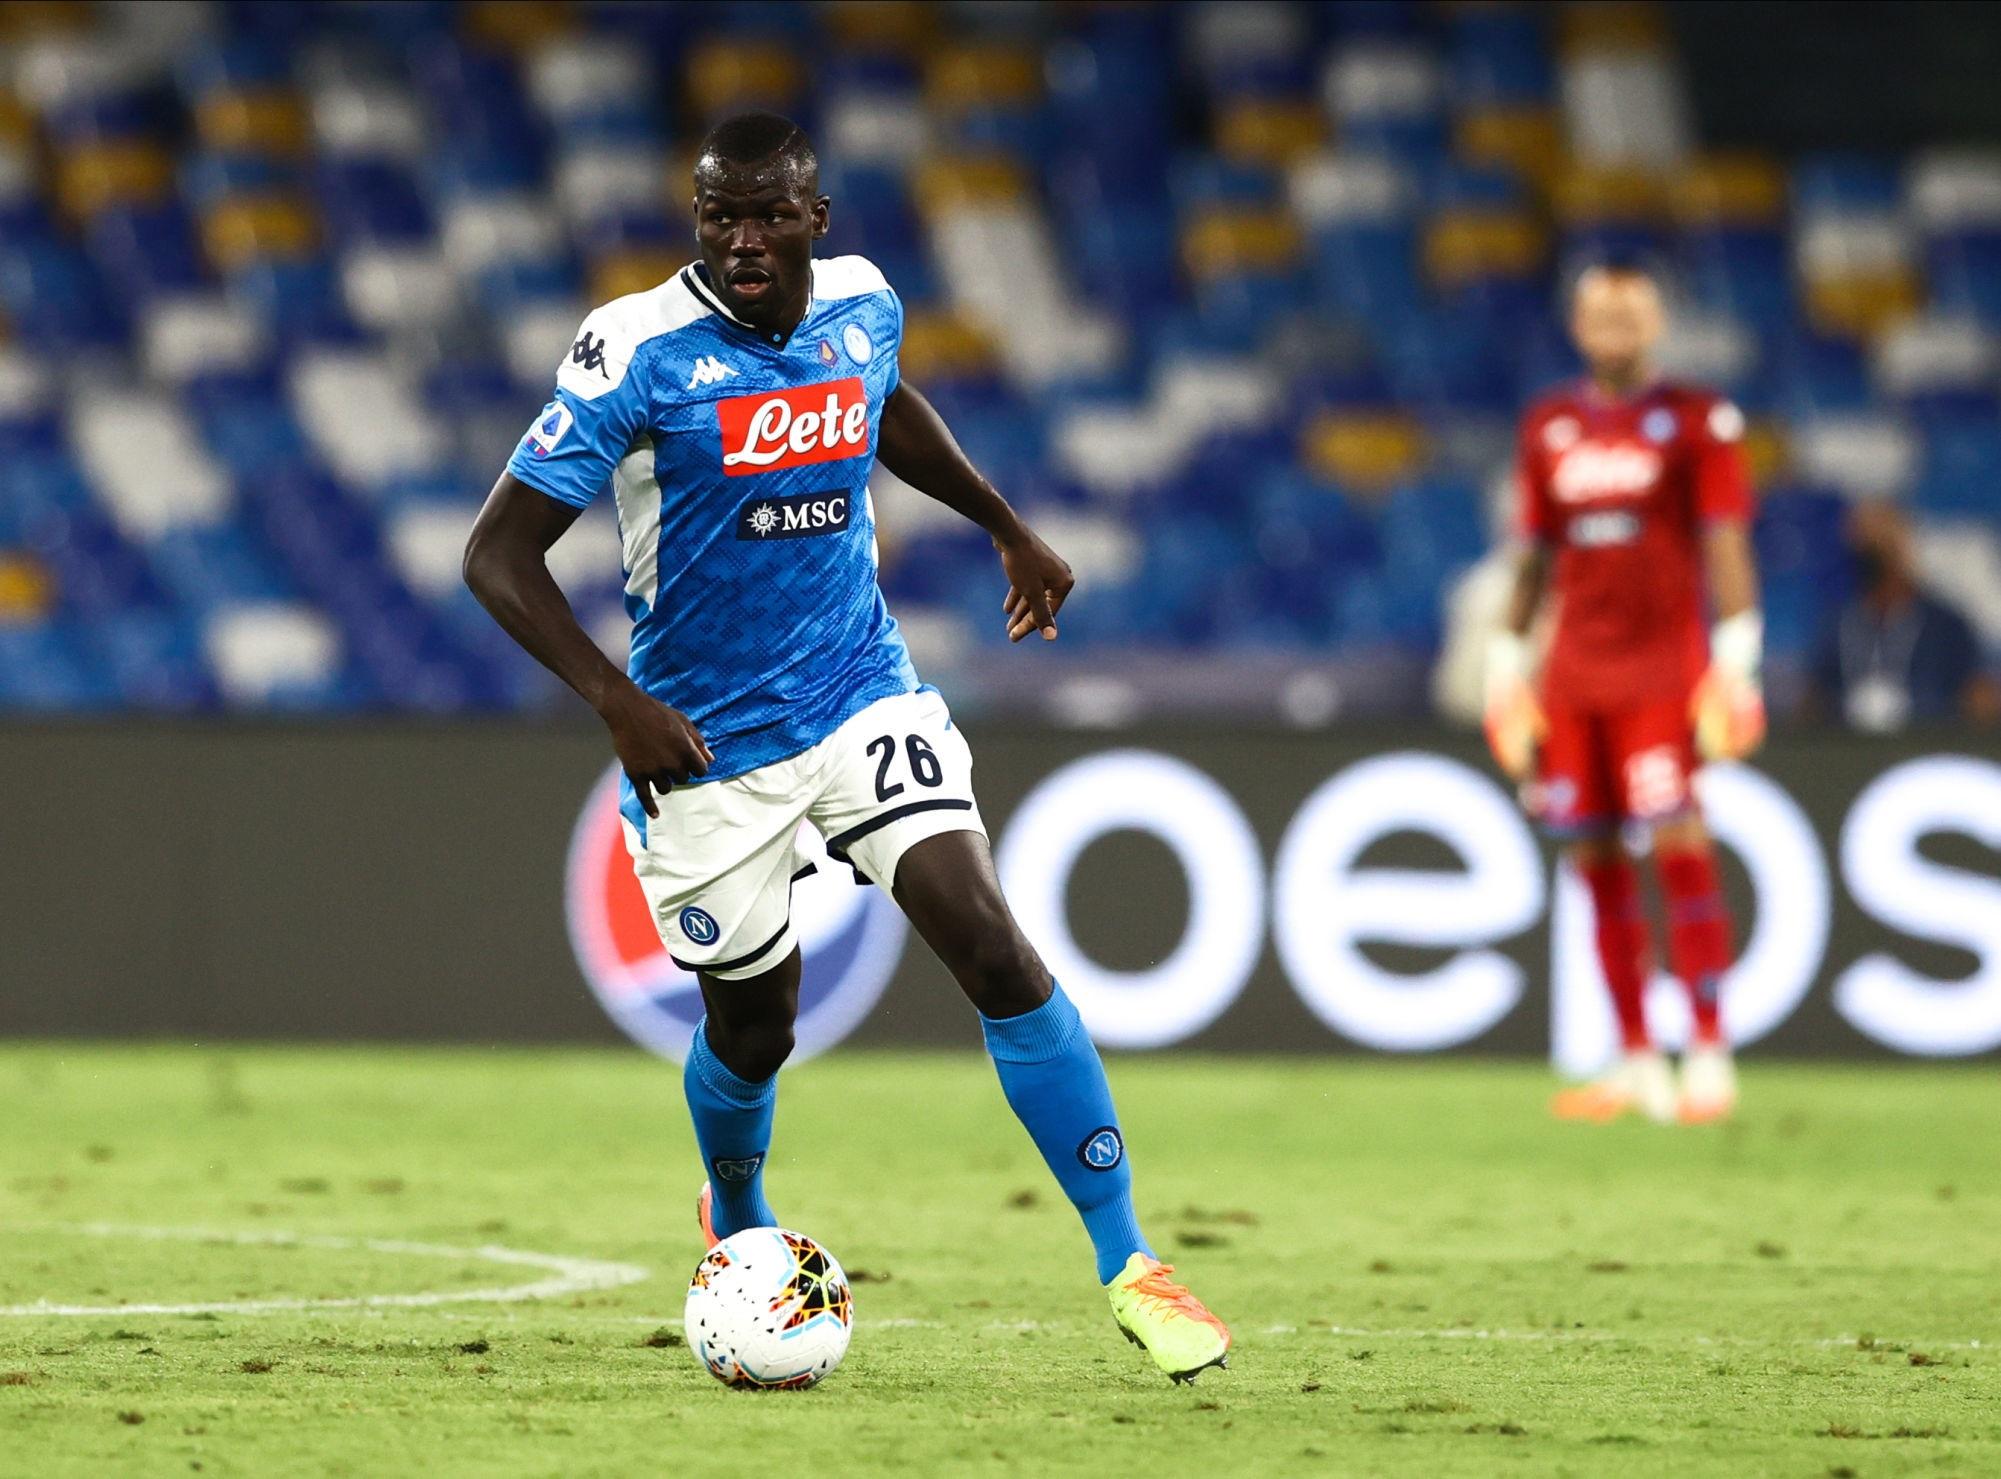 Mercato - De Laurentiis concède que Koulibaly est «en instance de départ», s'il y a la bonne offre